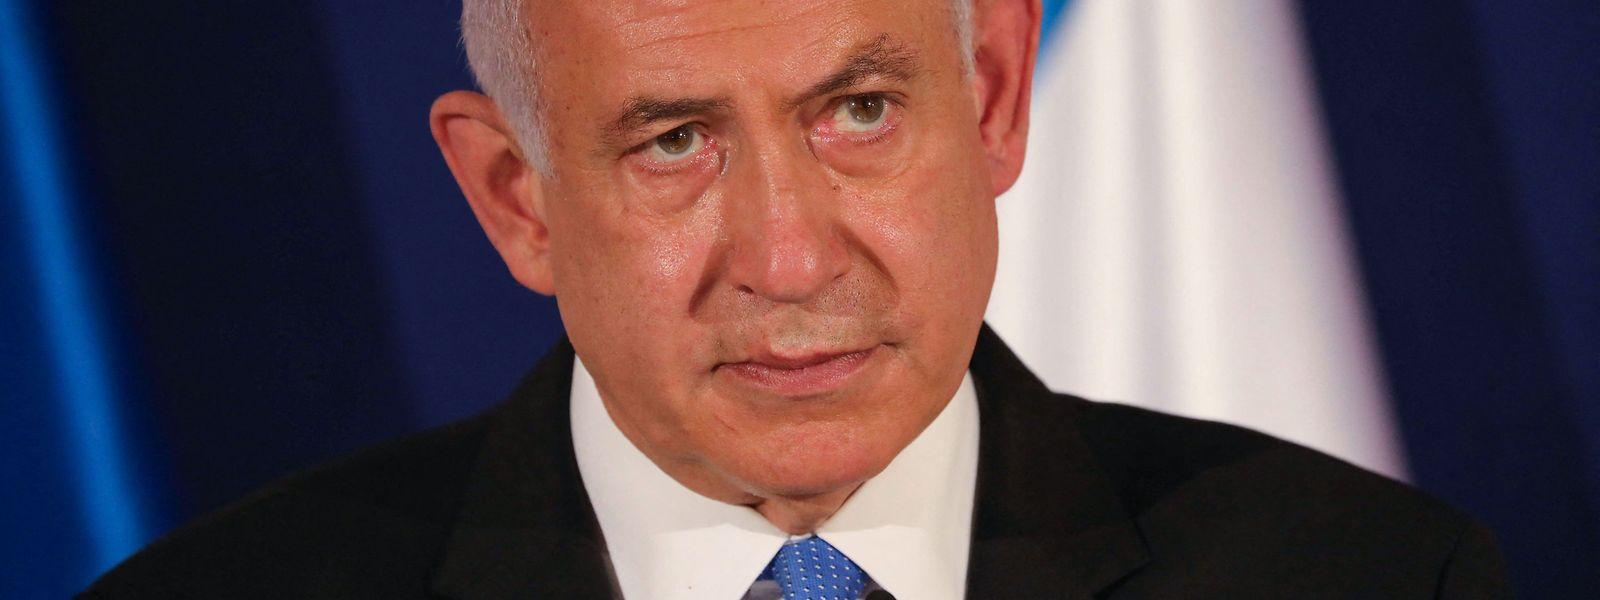 Benjamin Netanjahu war erstmals von 1996 bis 1999 israelischer Premierminister. 2009 wurde er erneut zum Regierungschef gewählt. Doch nun könnte seine Ära zu Ende gehen.